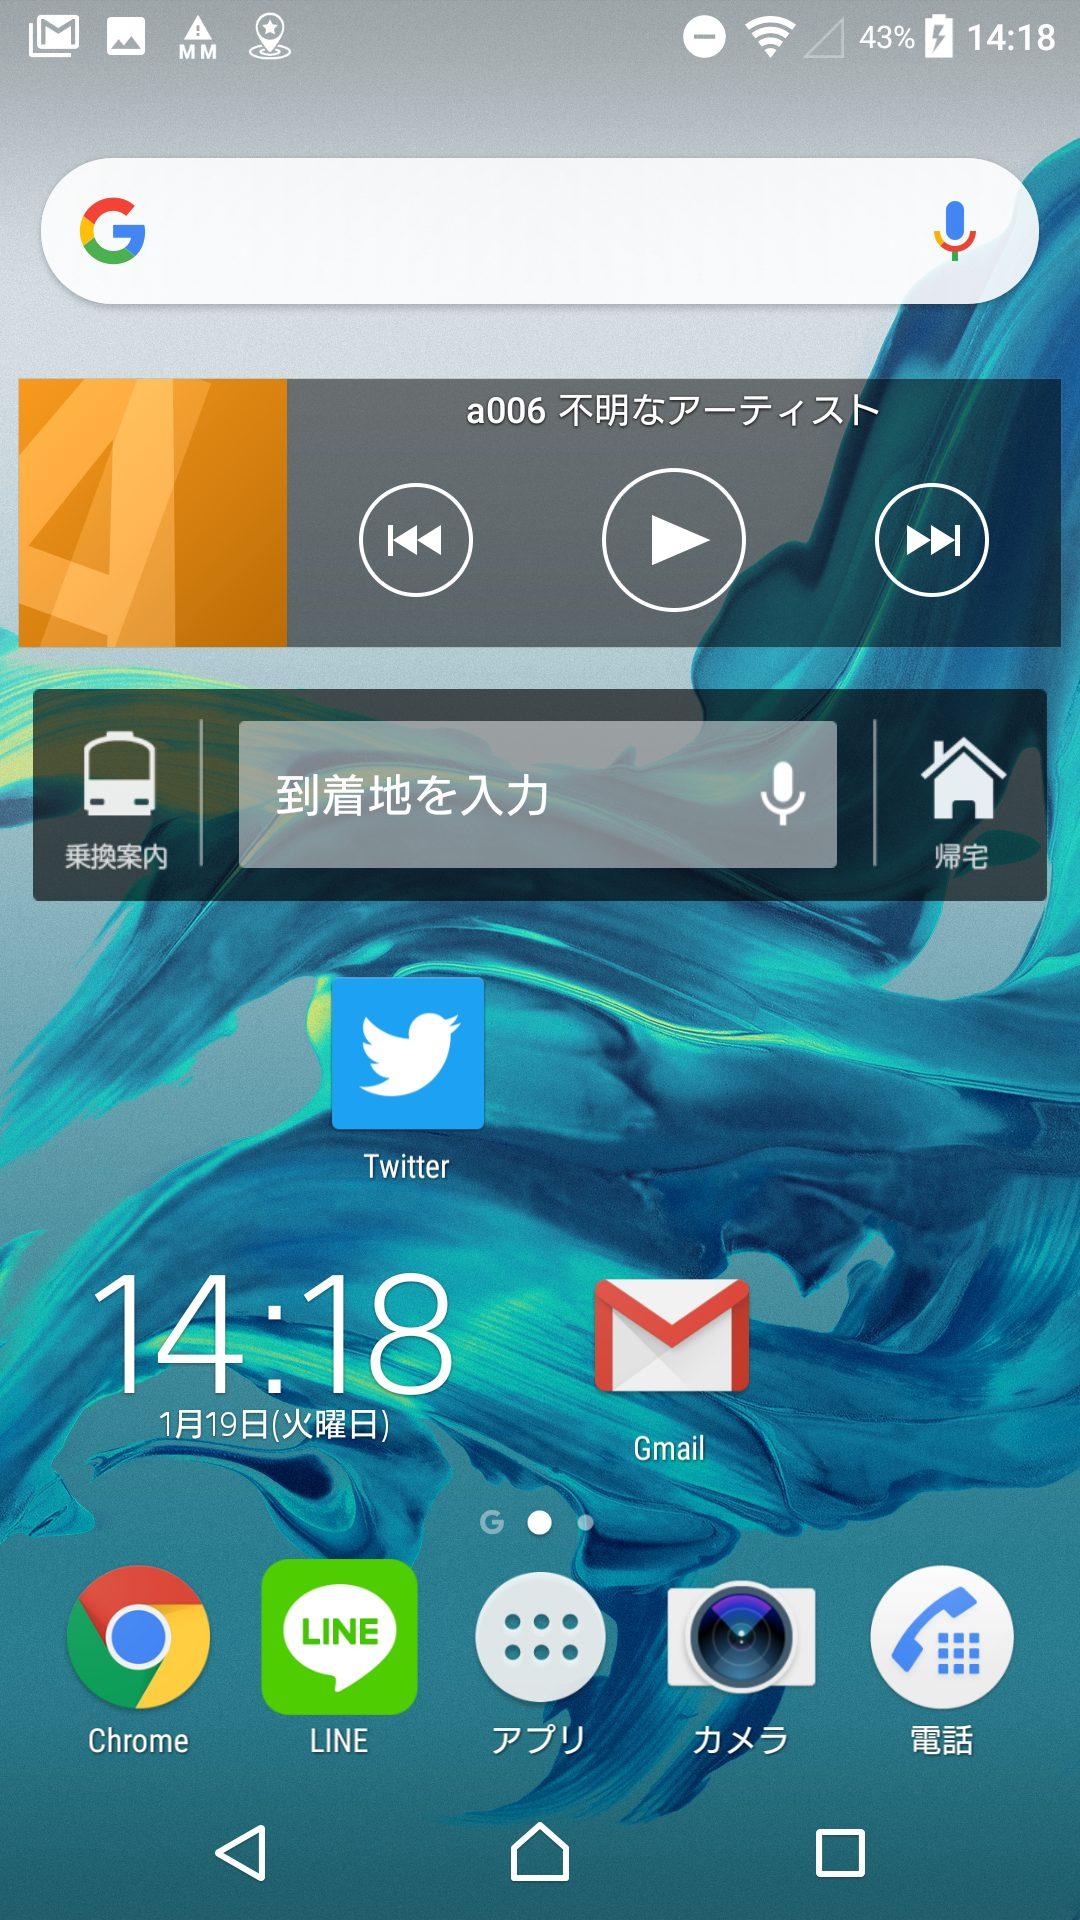 Androidのカスタマイズ